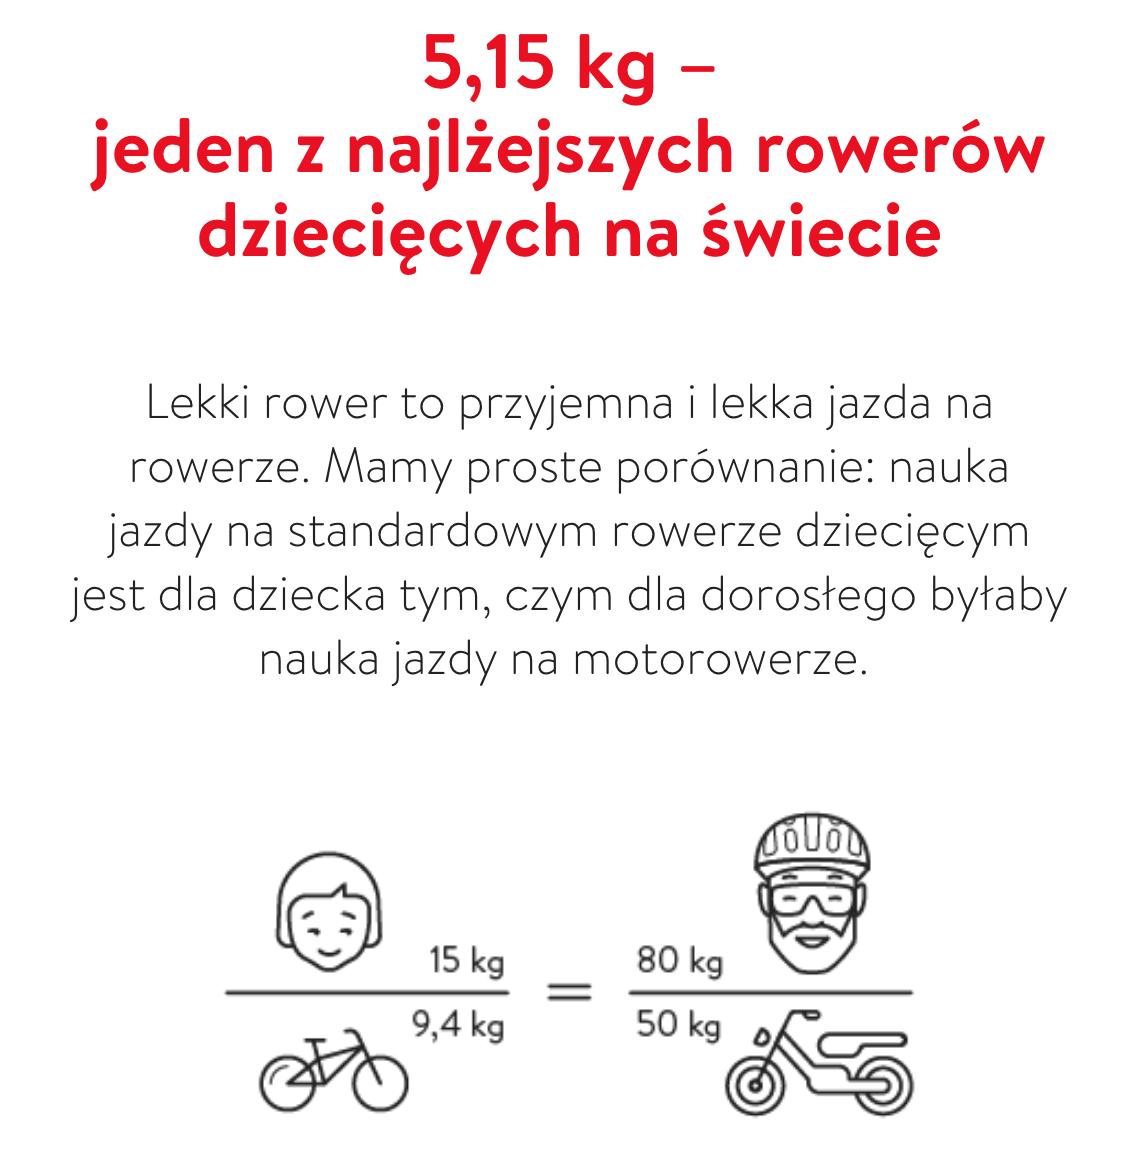 najlżejszy rowerek dla dzieci - pierwszy rowerek dla dzieci woom